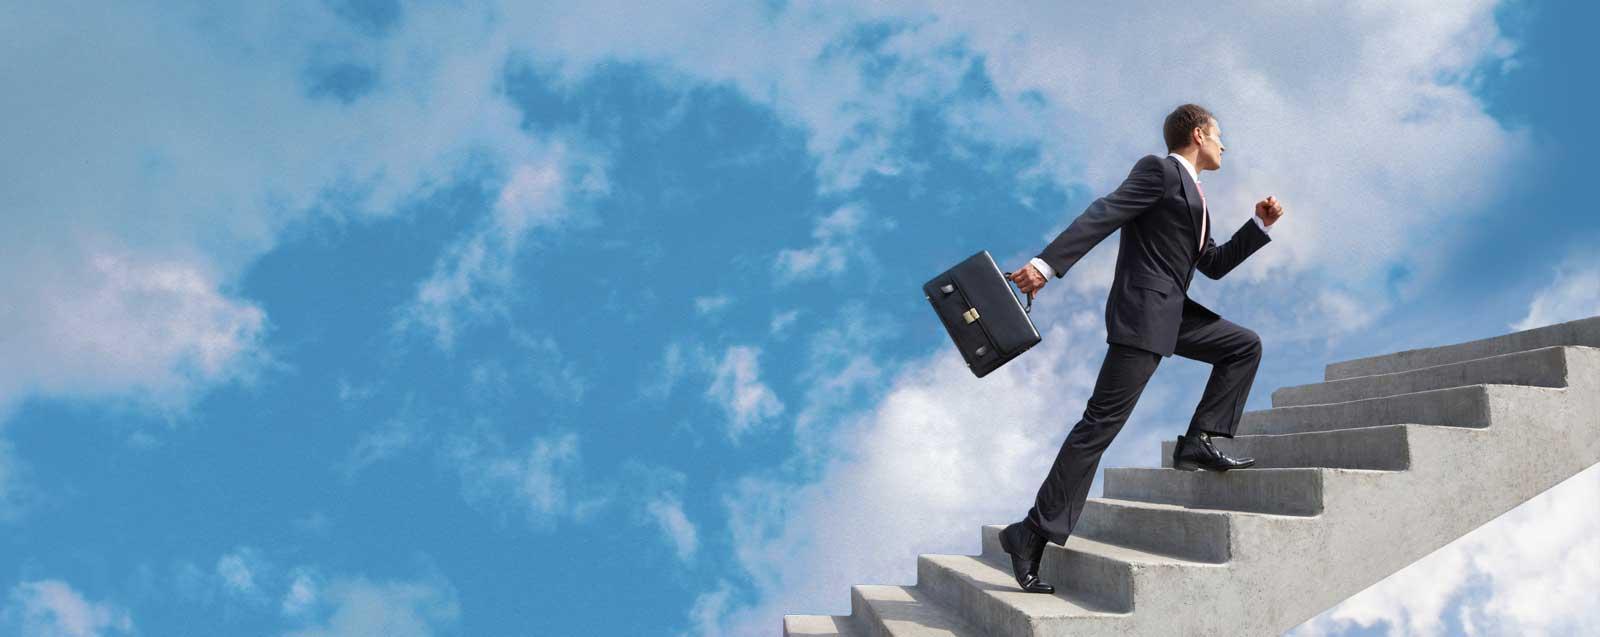 روش صحیح بالا رفتن از پله ها-آگاهی مصرف-درست مصرف کنیم-آموزش همگانی